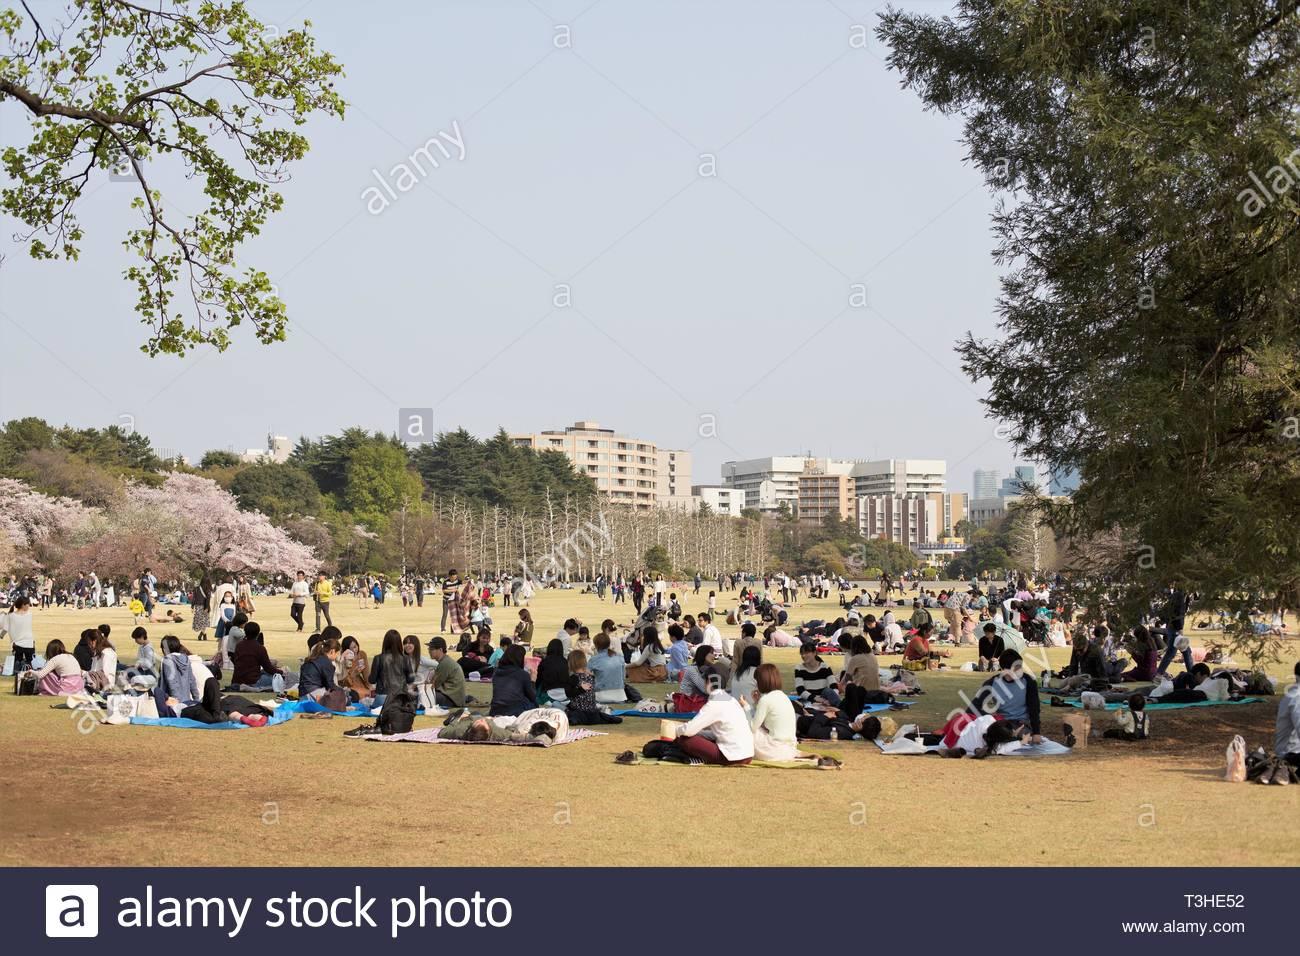 Crowds of people sit on blankets at Shinjuku Gyoen National Garden in Tokyo Japan. - Stock Image